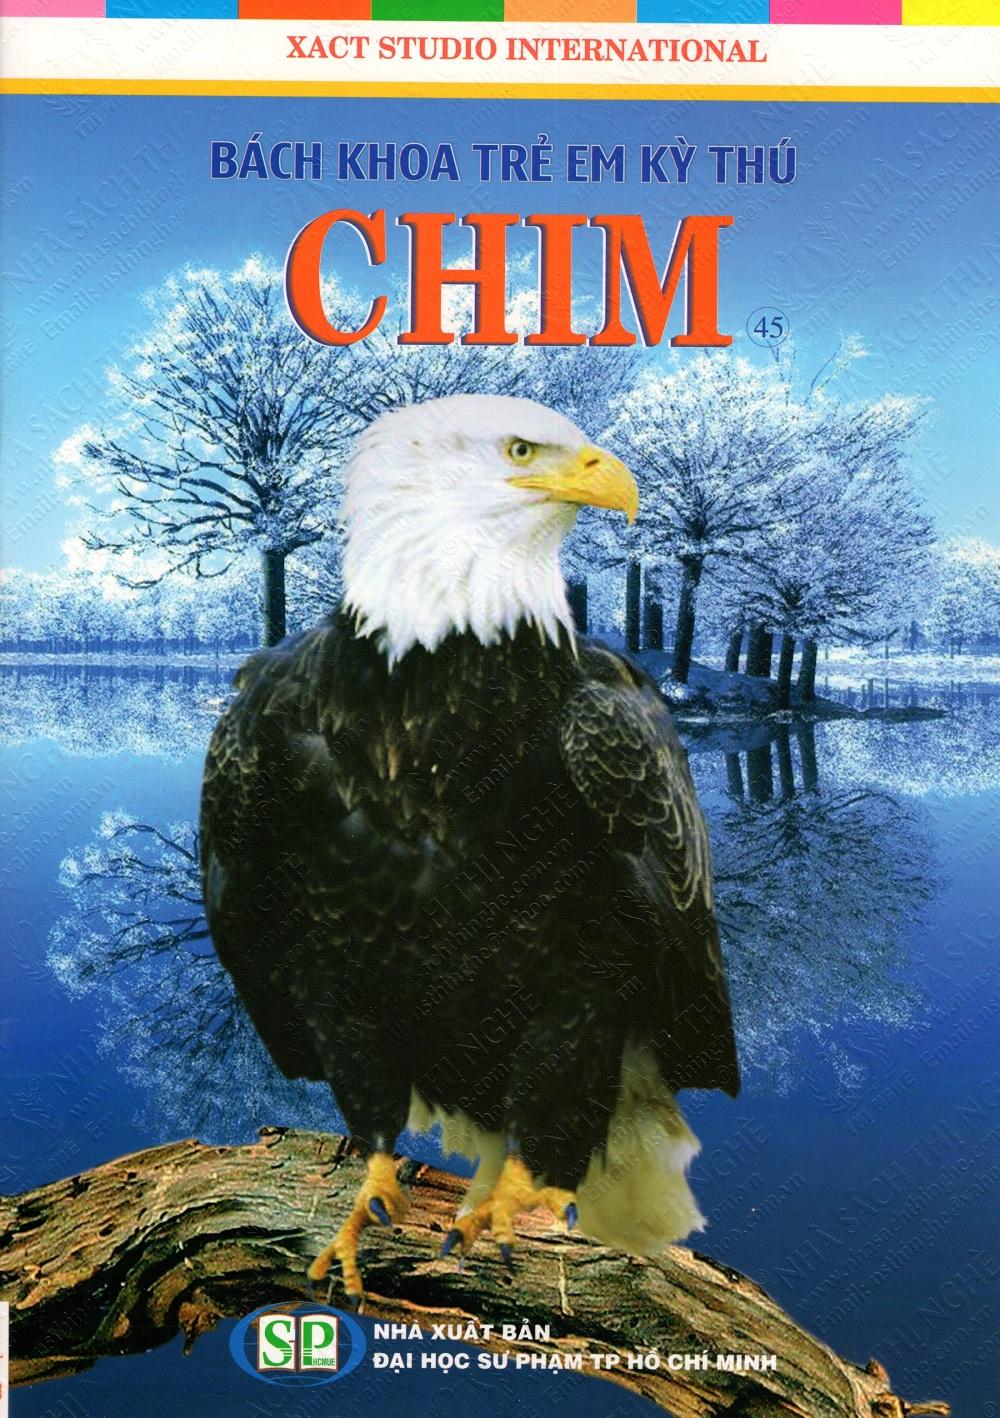 Bìa sách Bách Khoa Trẻ Em Kỳ Thú - Chim (45)